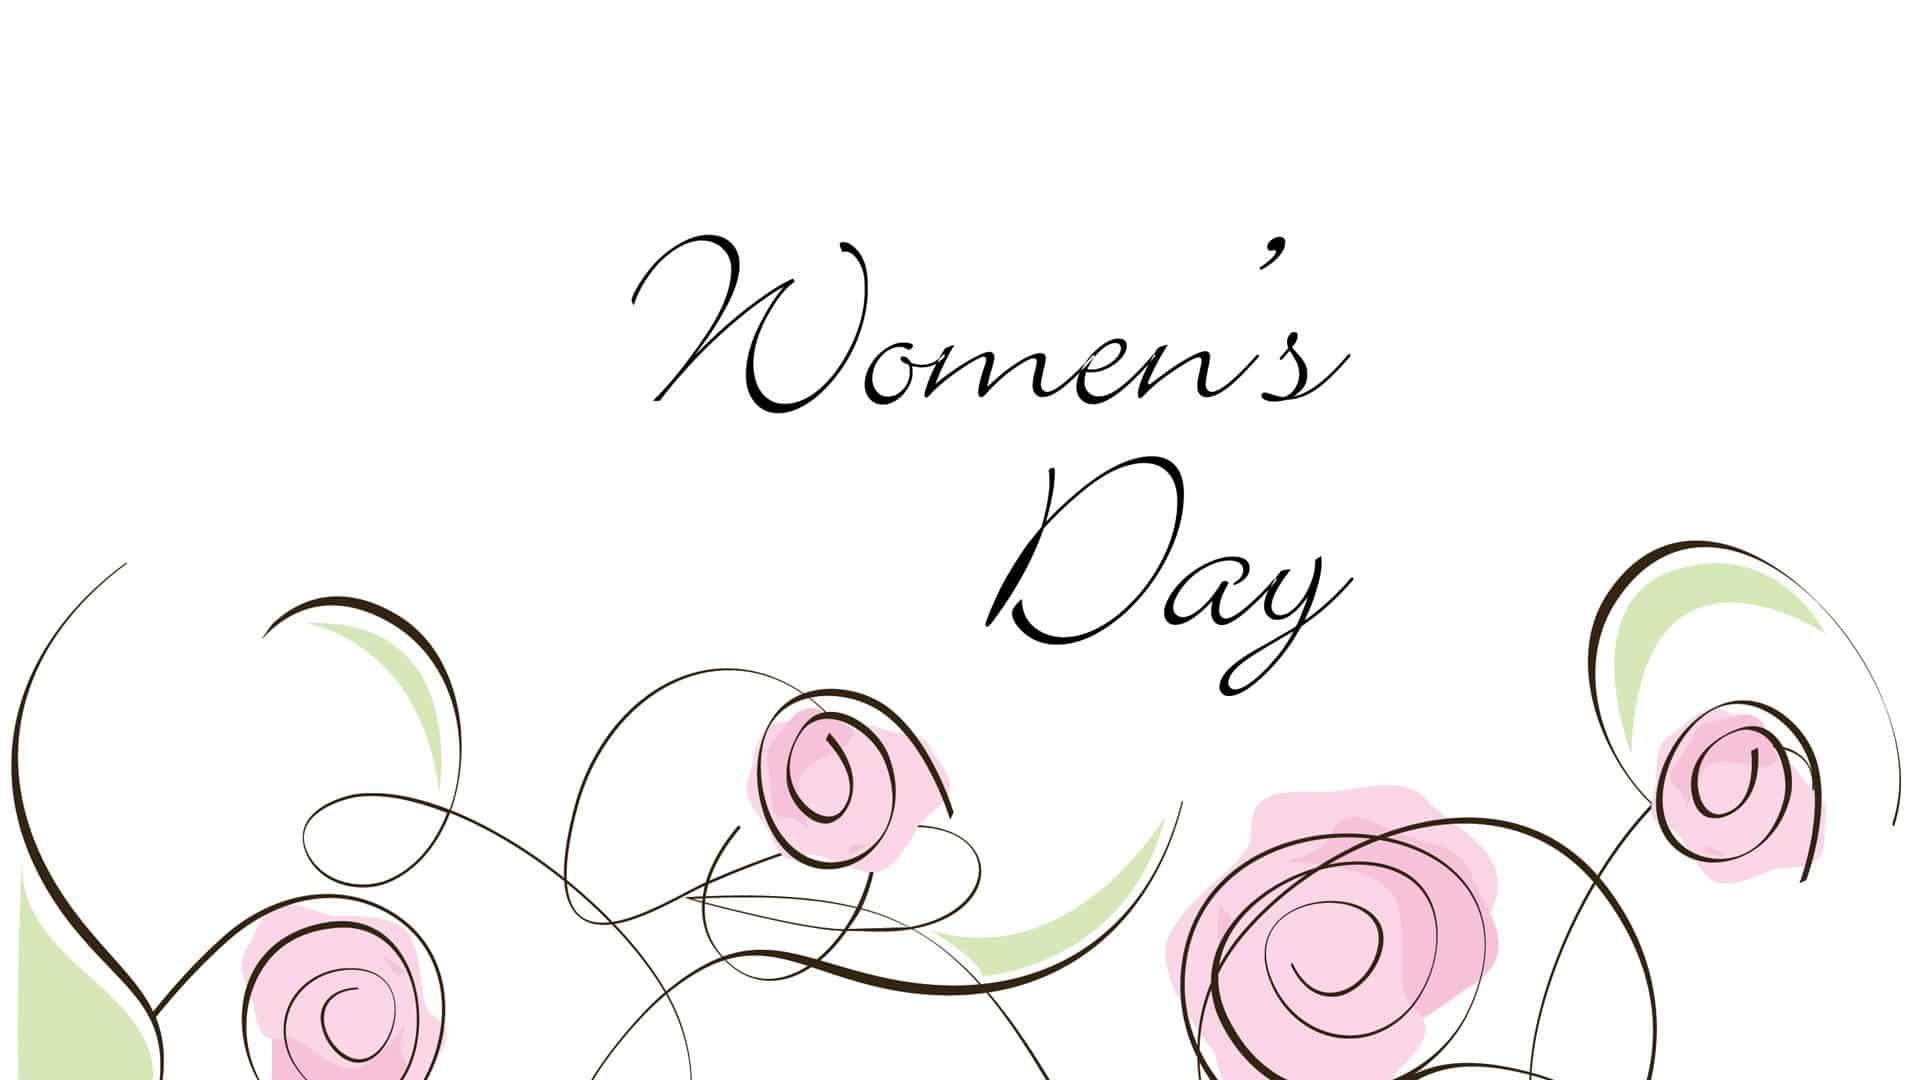 Women's Day 2017 HD wallpaper